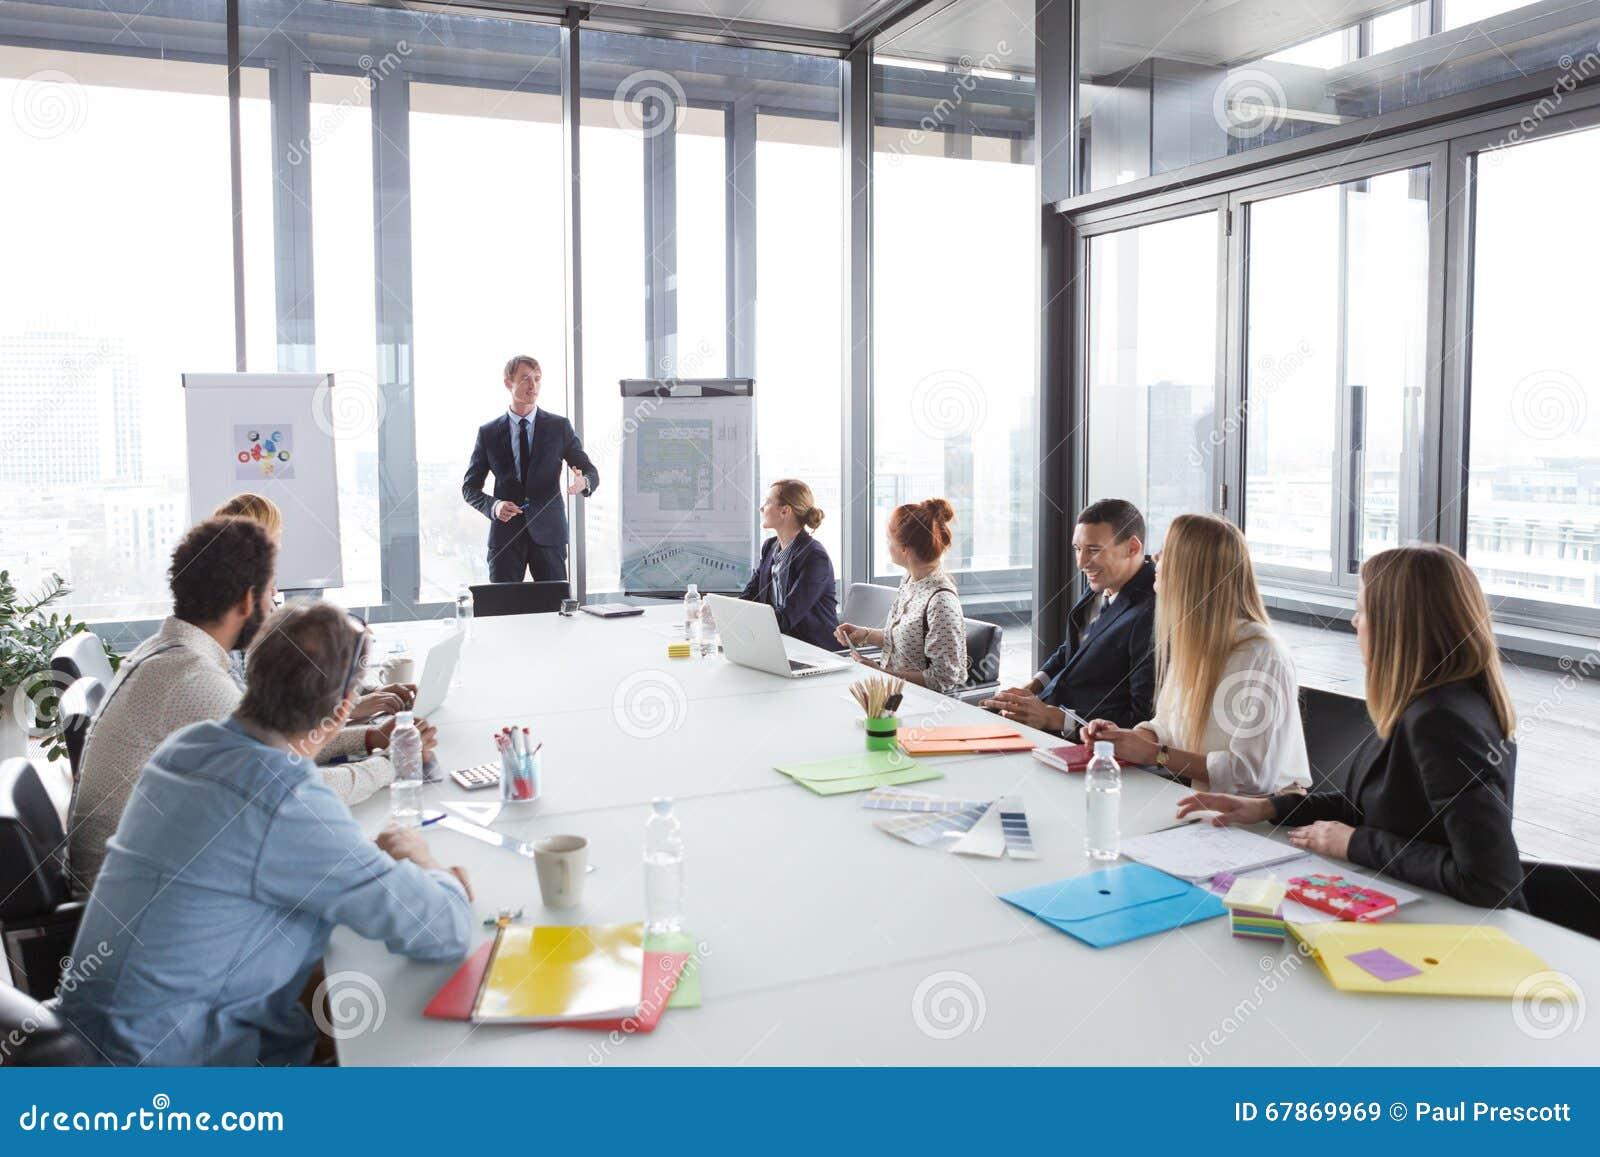 Bedrijfsmens die over project tijdens vergadering spreken